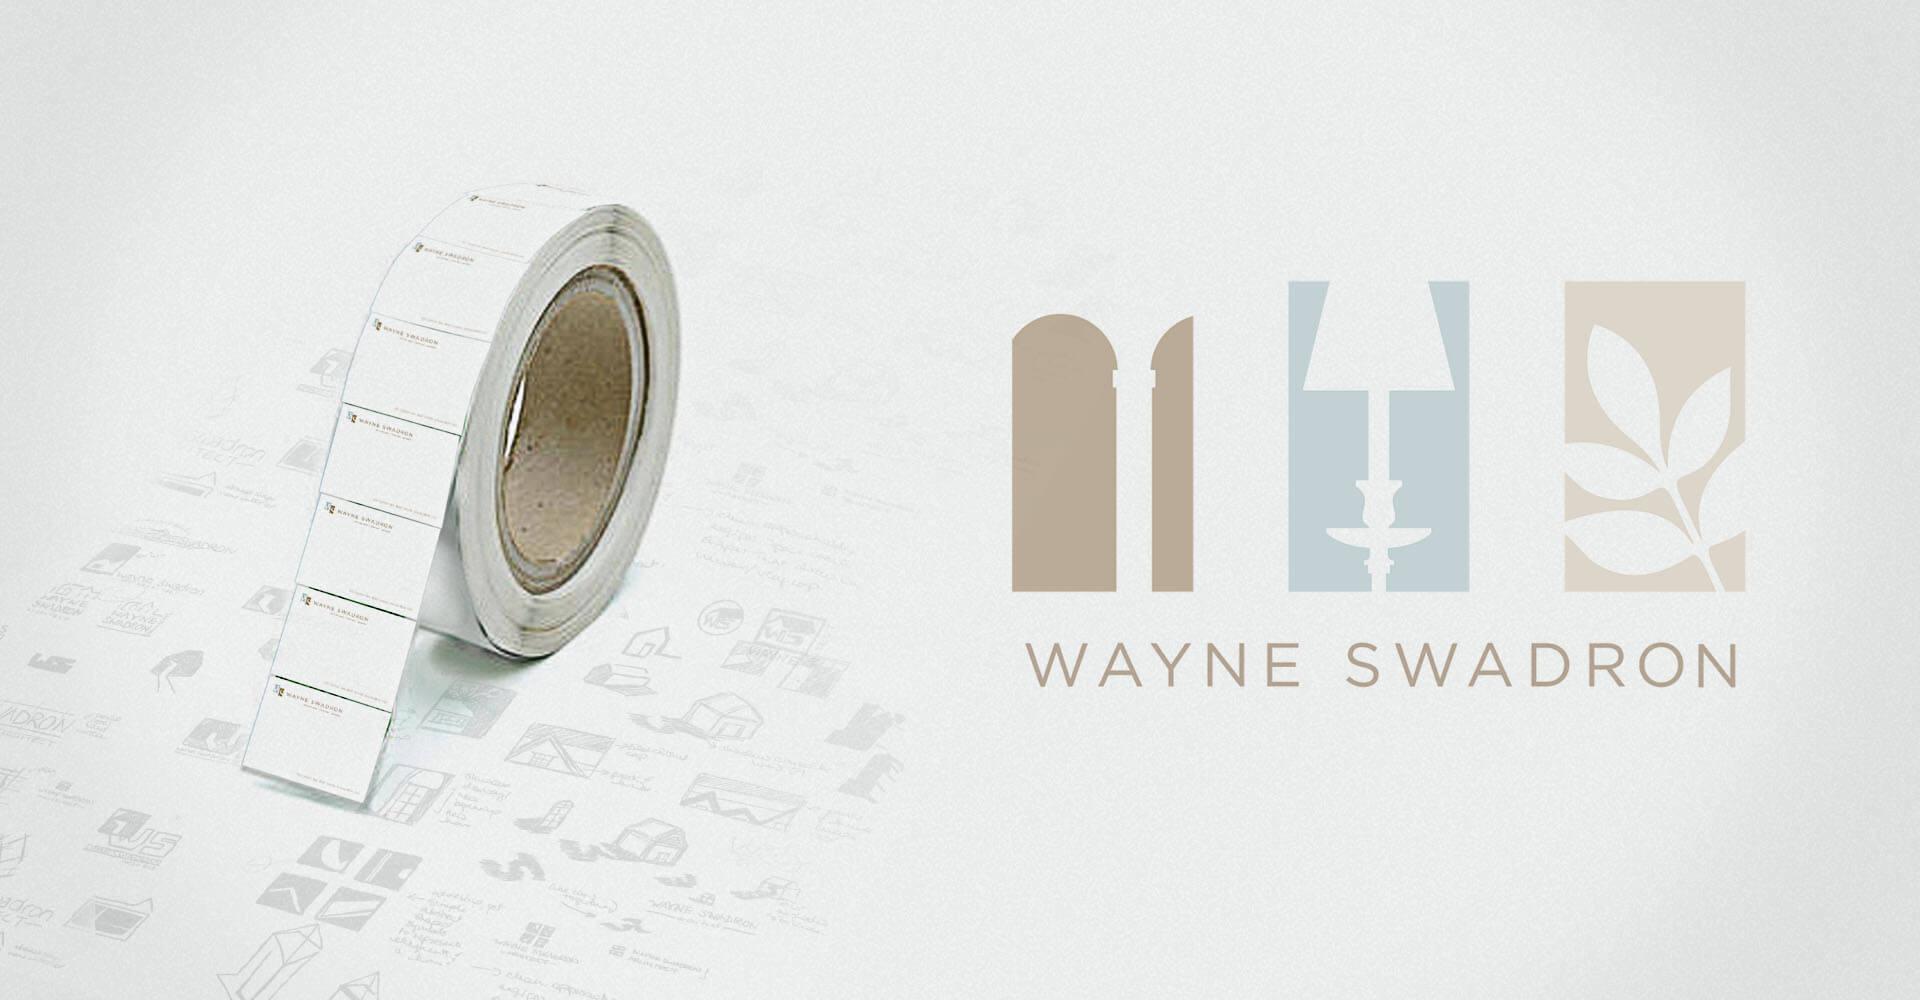 Wayne Swadron Architects